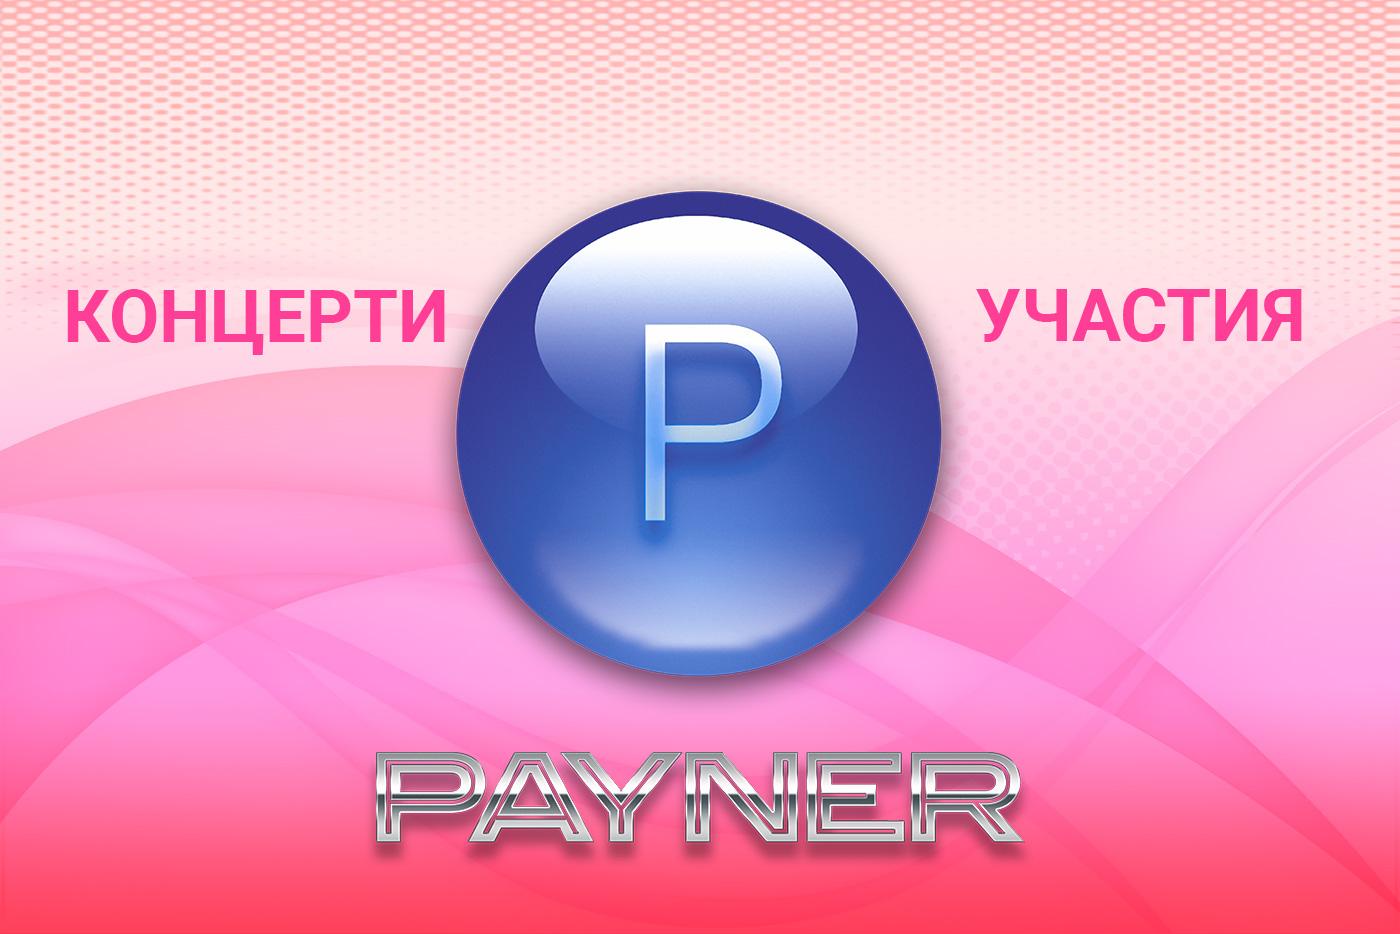 """Участия на звездите на """"Пайнер"""" на 23.04.2019"""